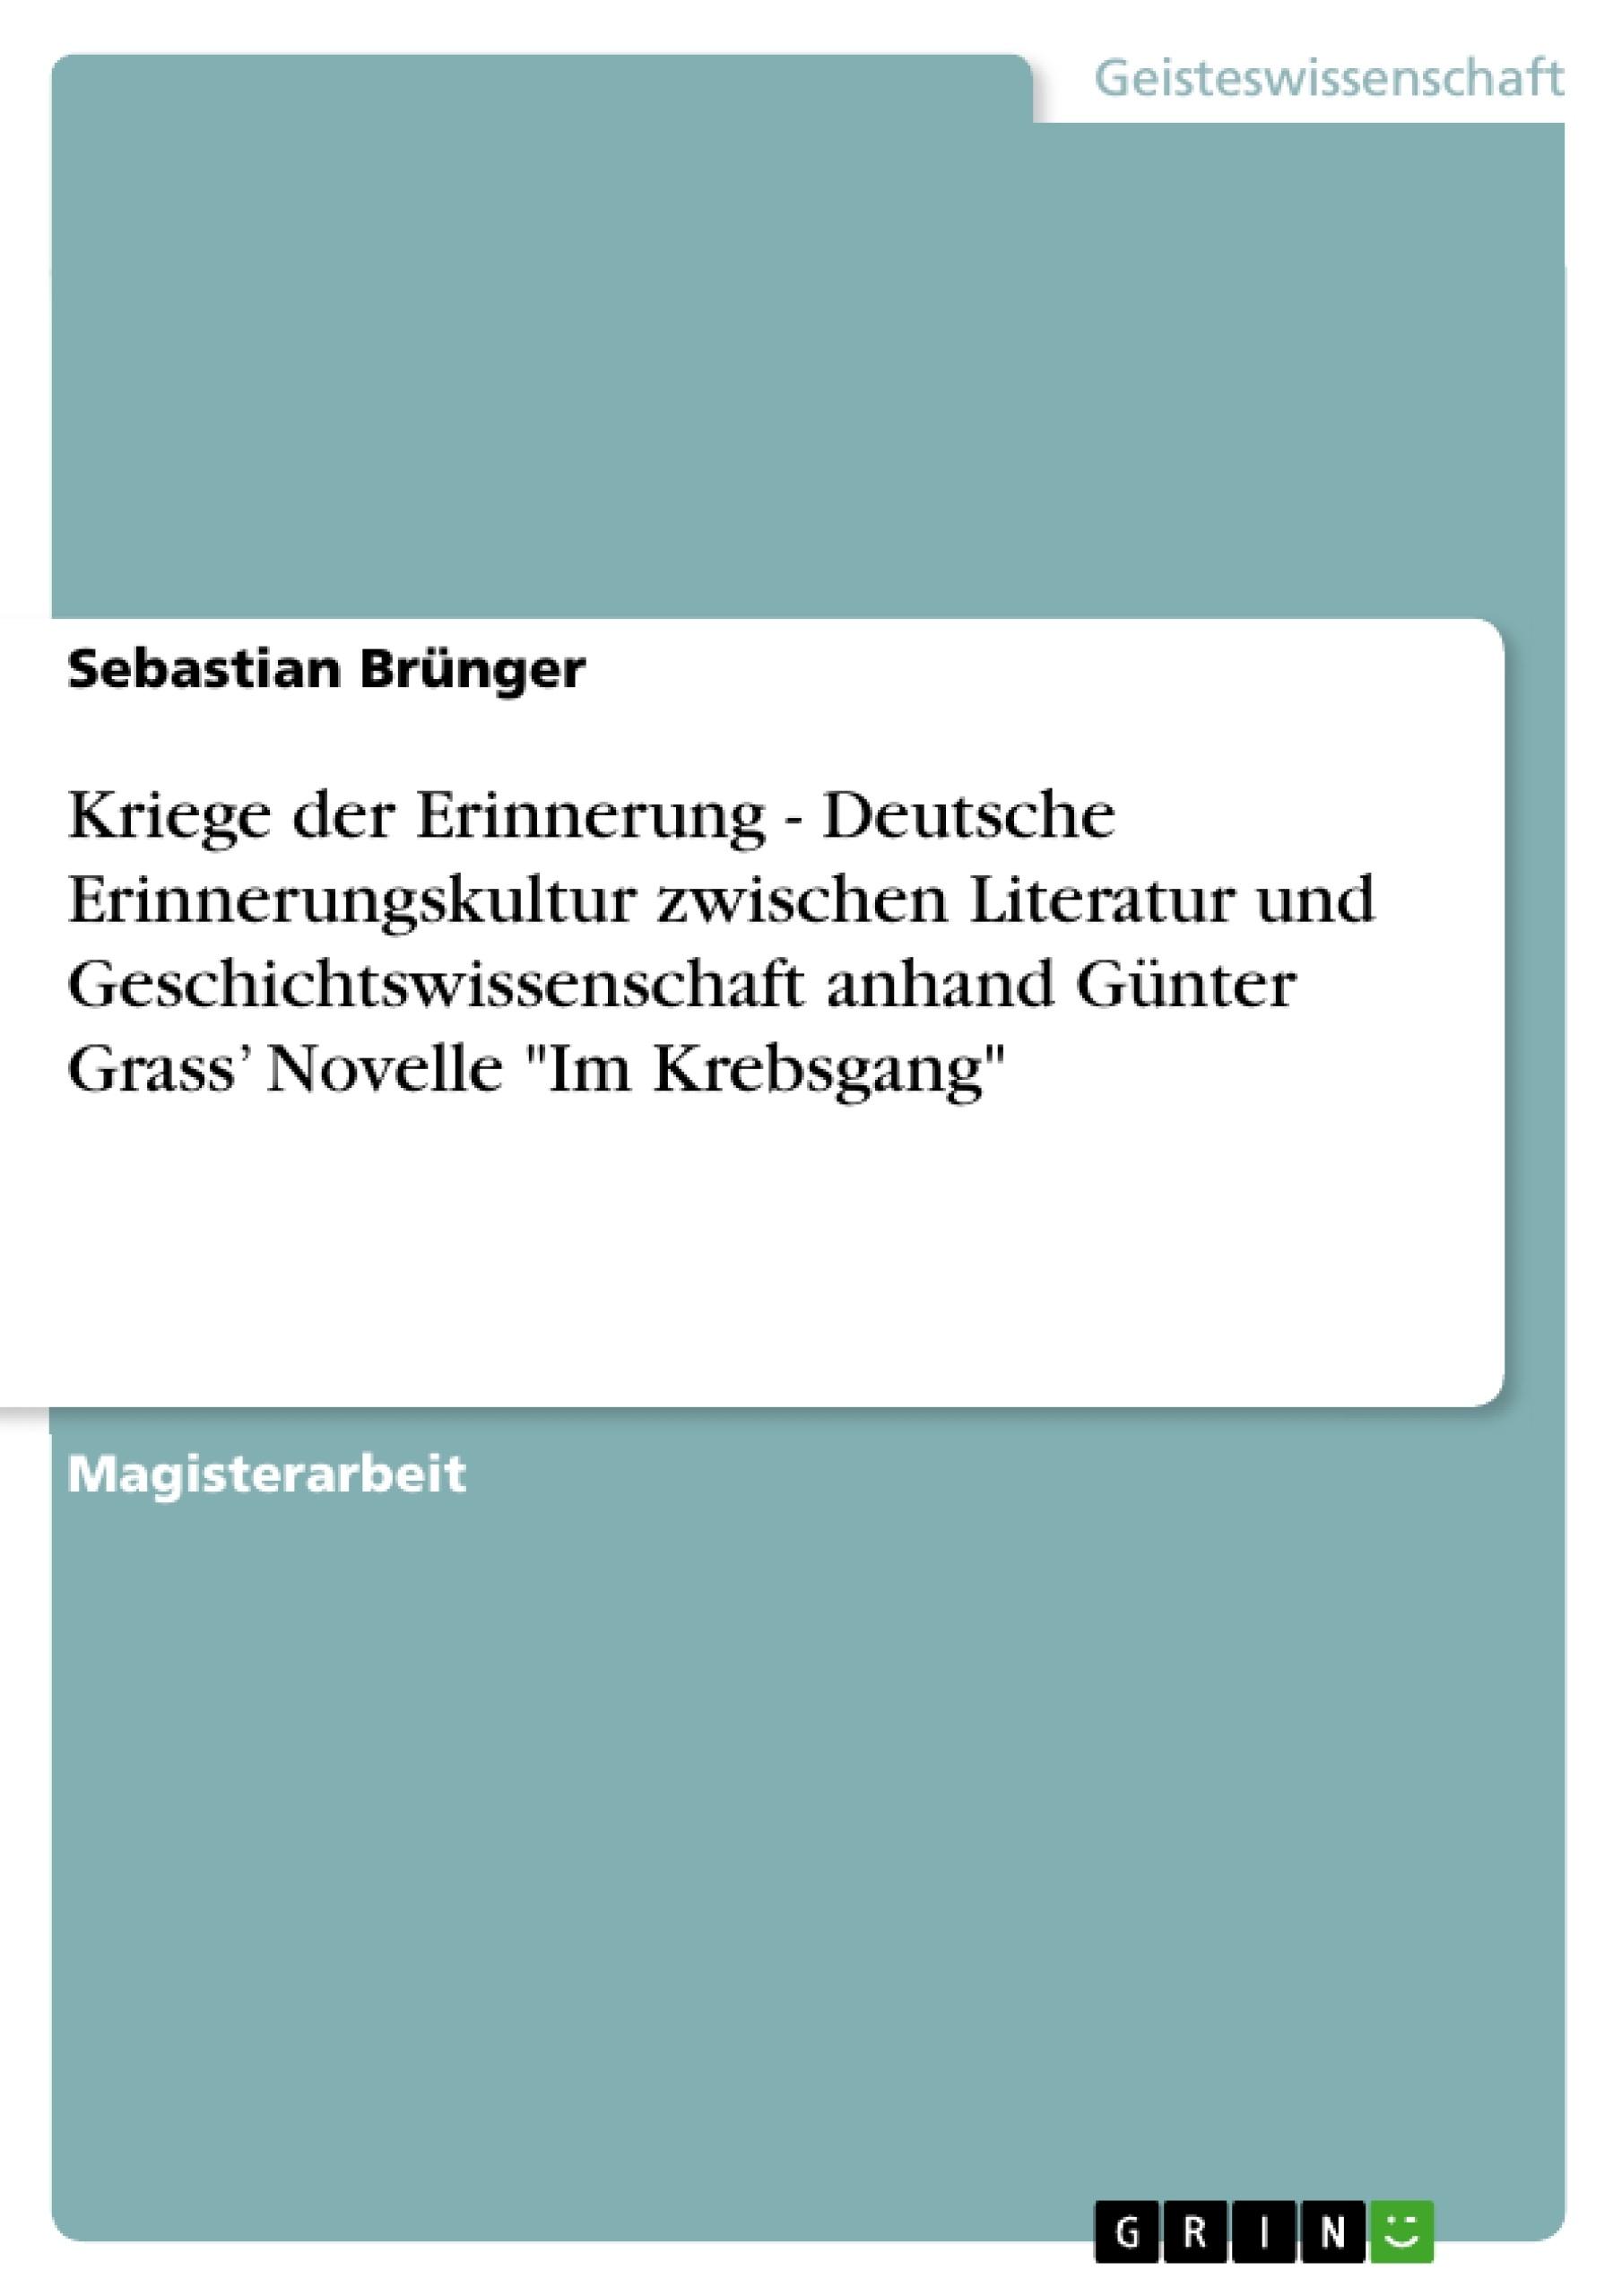 """Titel: Kriege der Erinnerung - Deutsche Erinnerungskultur zwischen Literatur und Geschichtswissenschaft anhand Günter Grass' Novelle """"Im Krebsgang"""""""